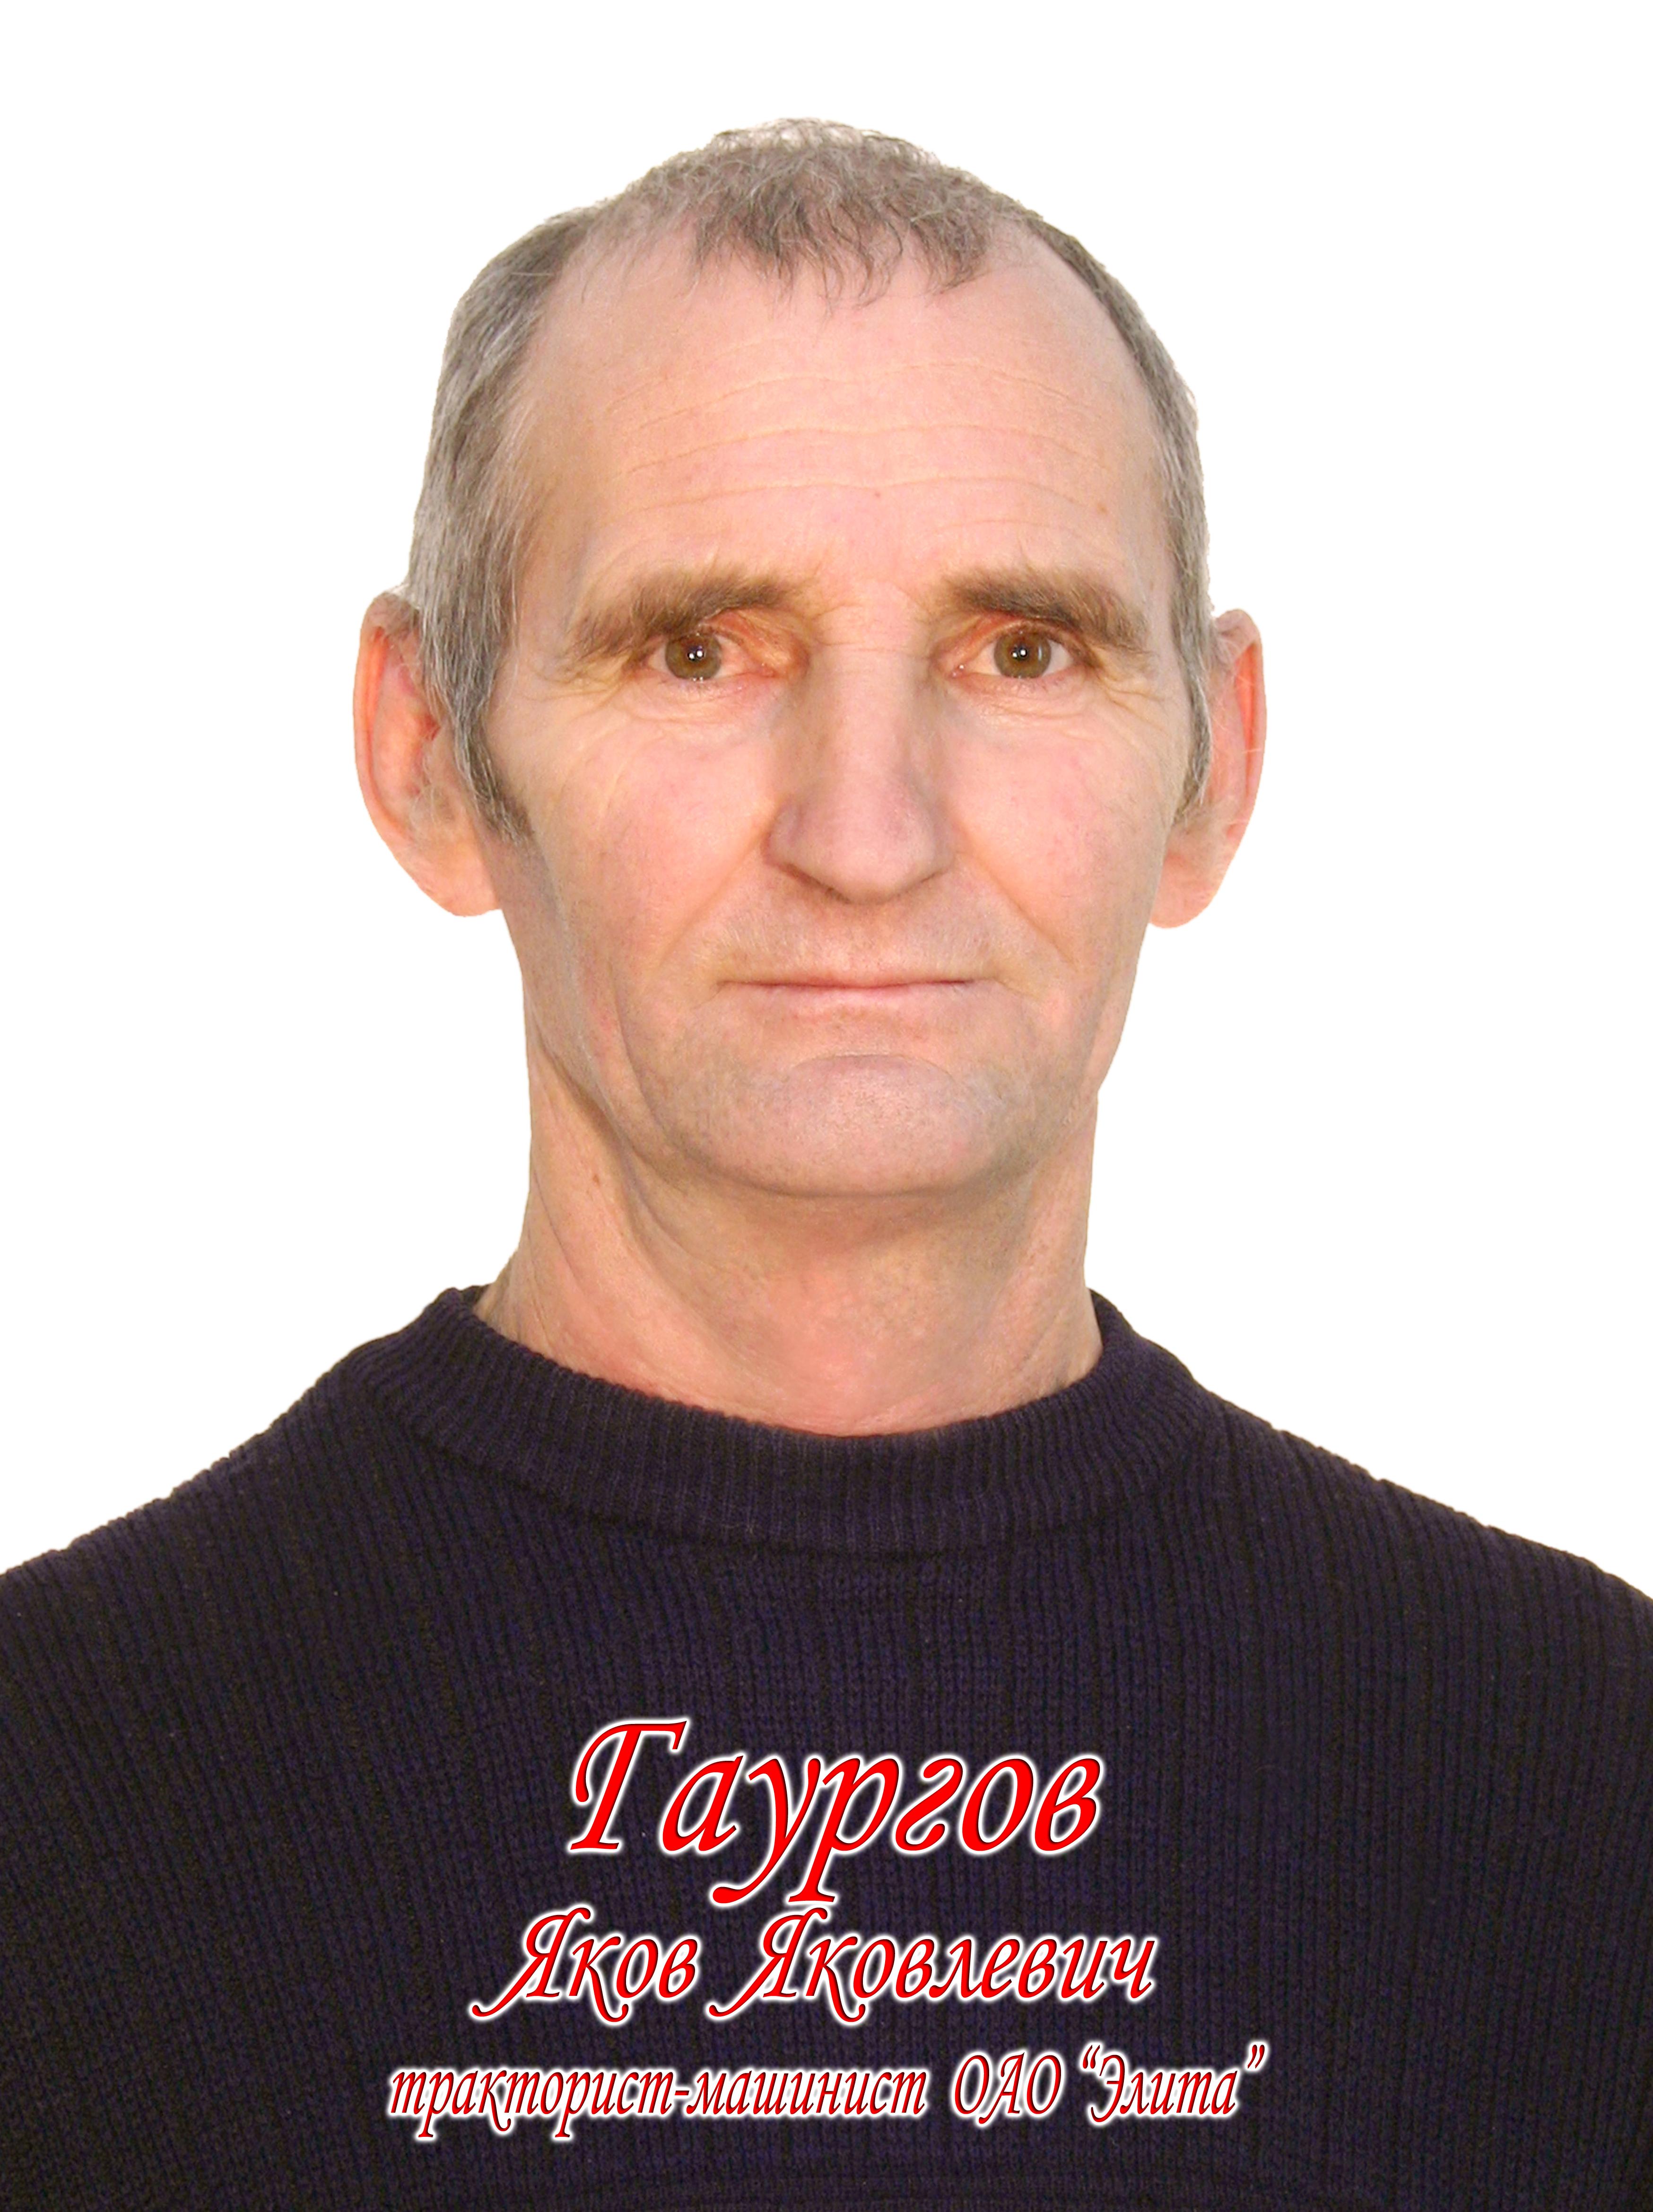 Гаургов